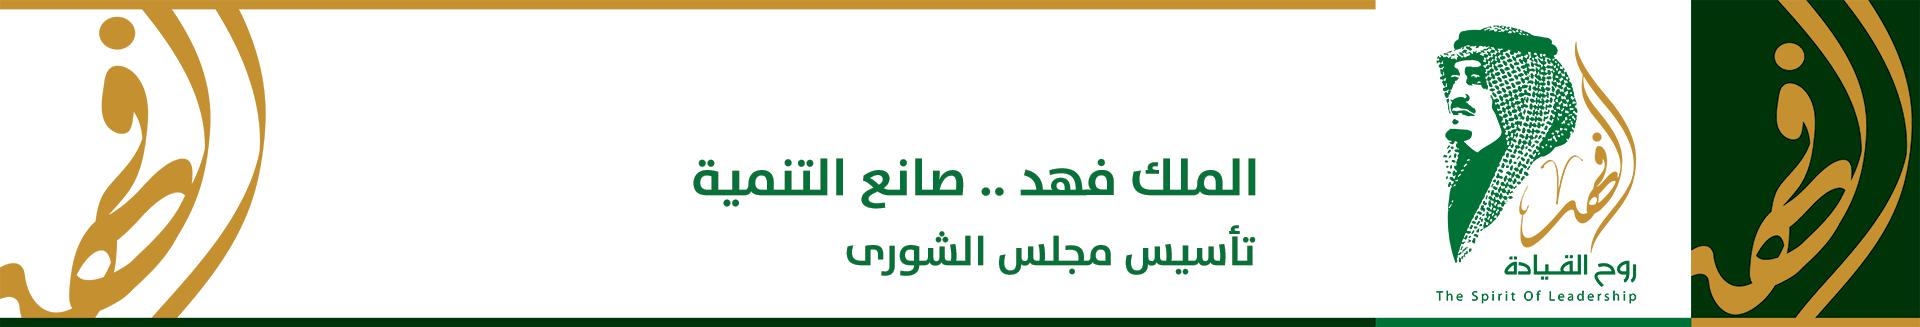 تأسيس مجلس الشورى